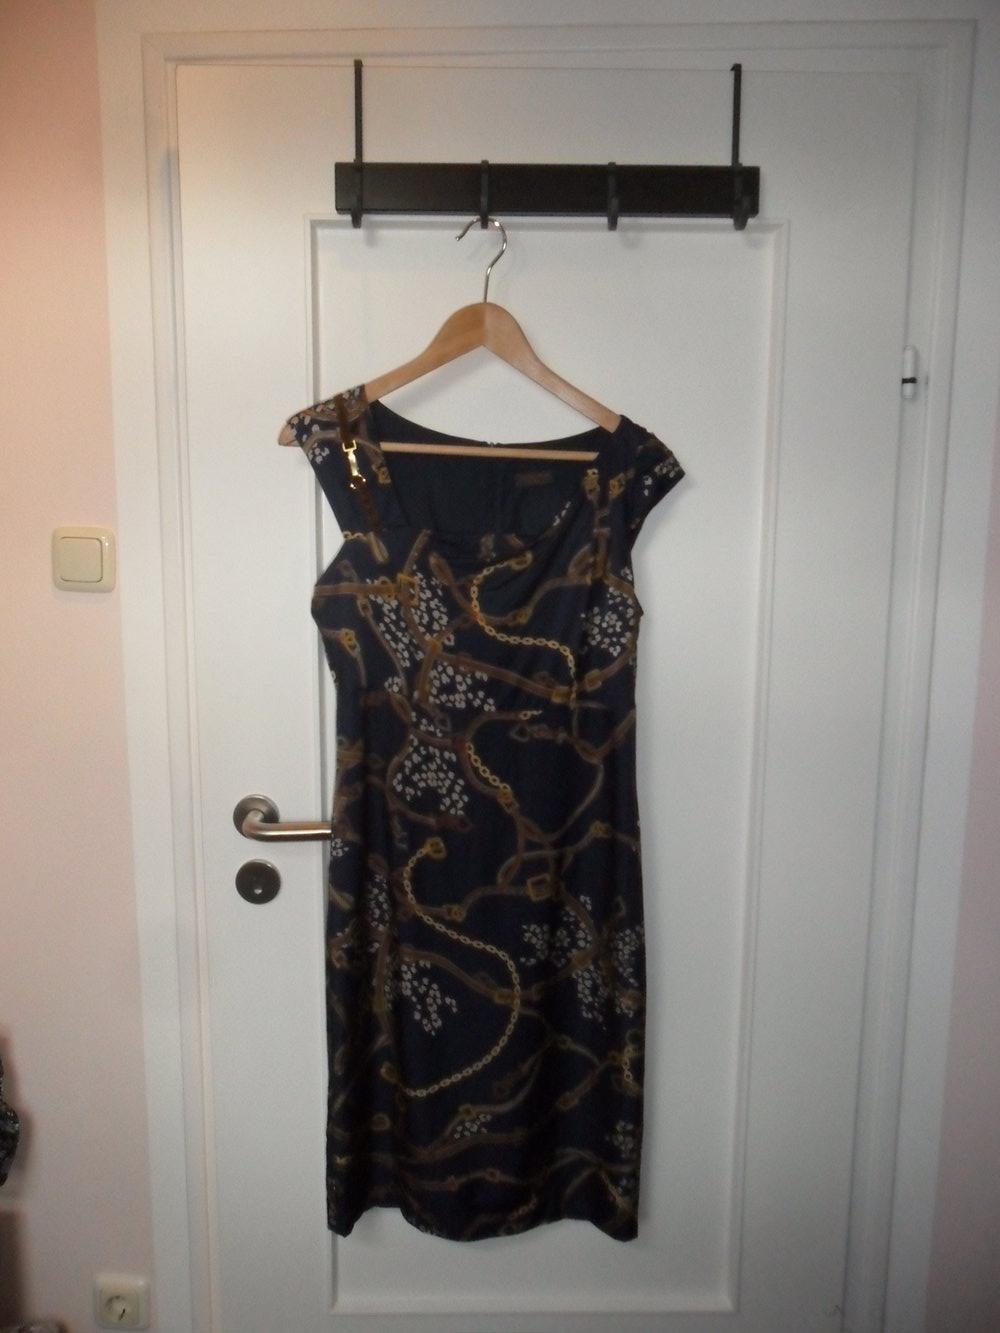 s oliver selection schickes kleid mit g rtel und kettenmuster satin hnlicher stoff. Black Bedroom Furniture Sets. Home Design Ideas